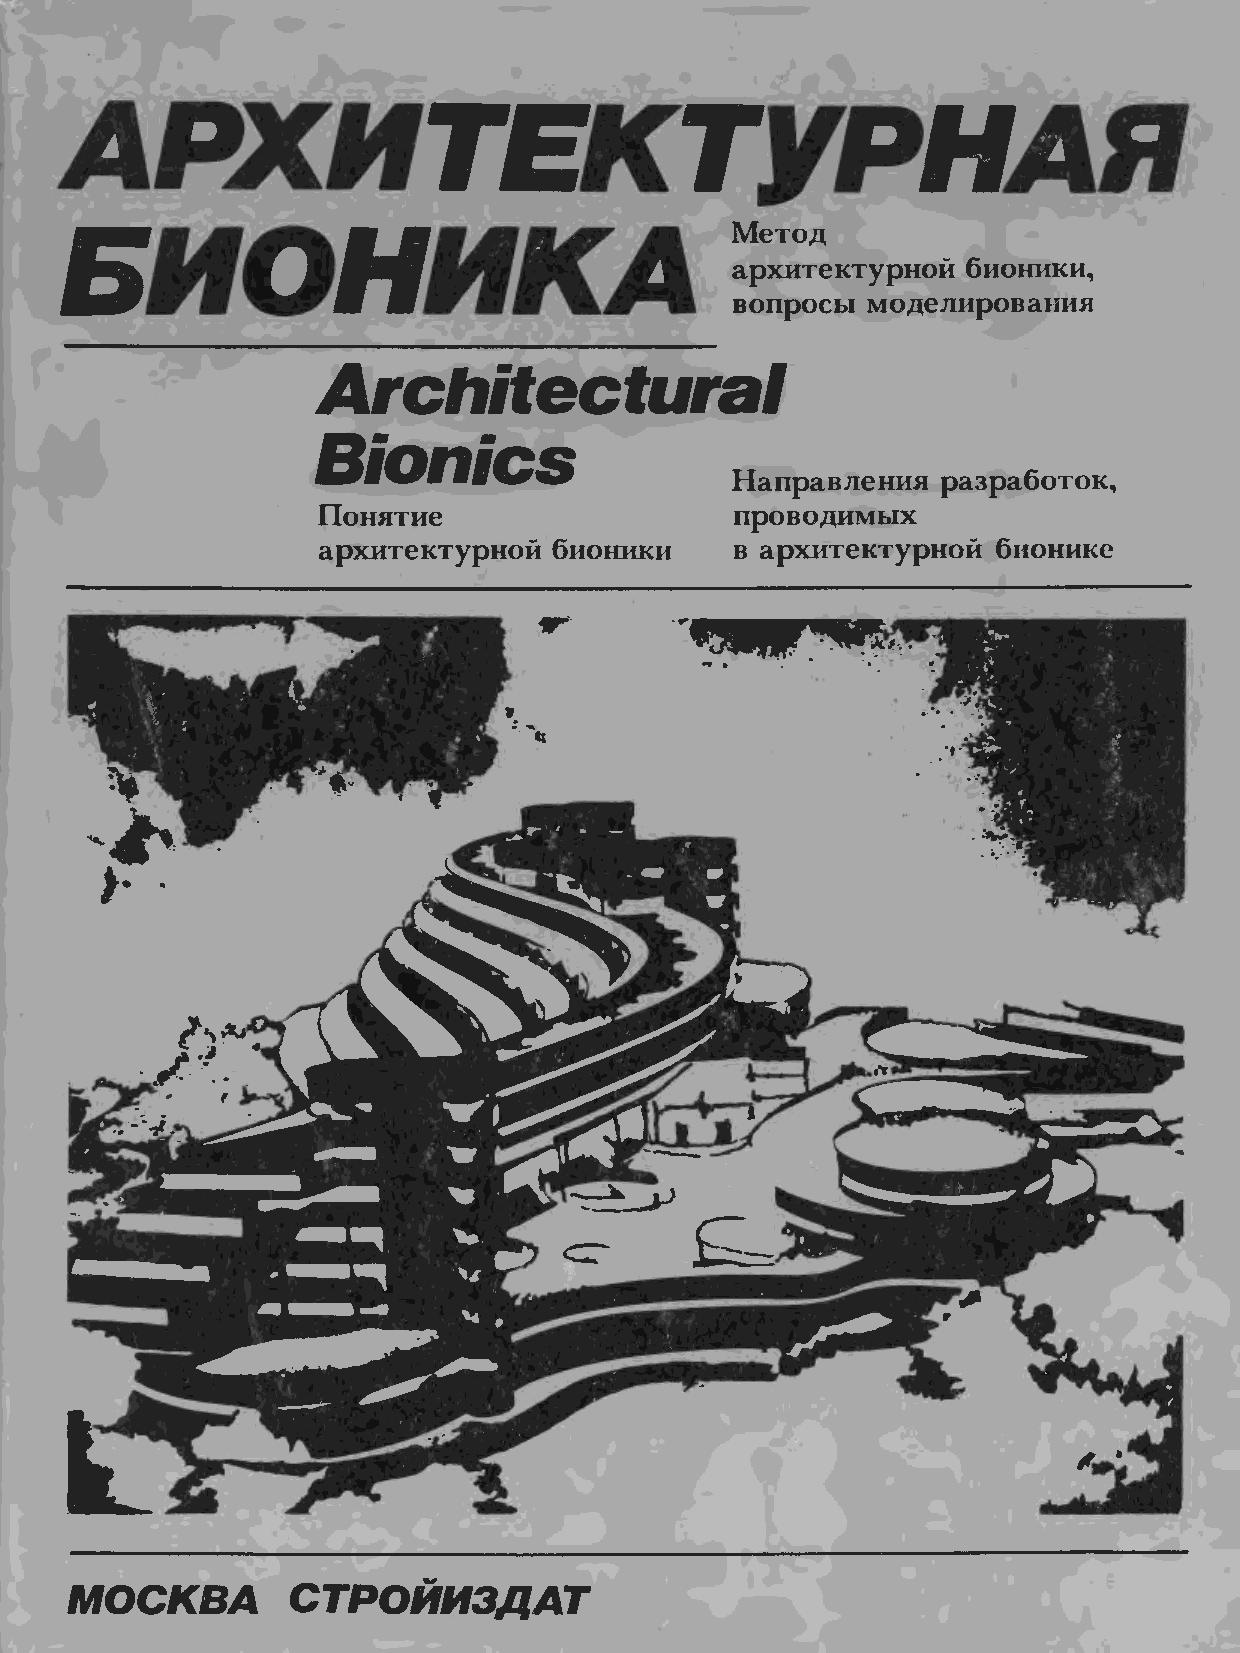 Издание 1990 г.